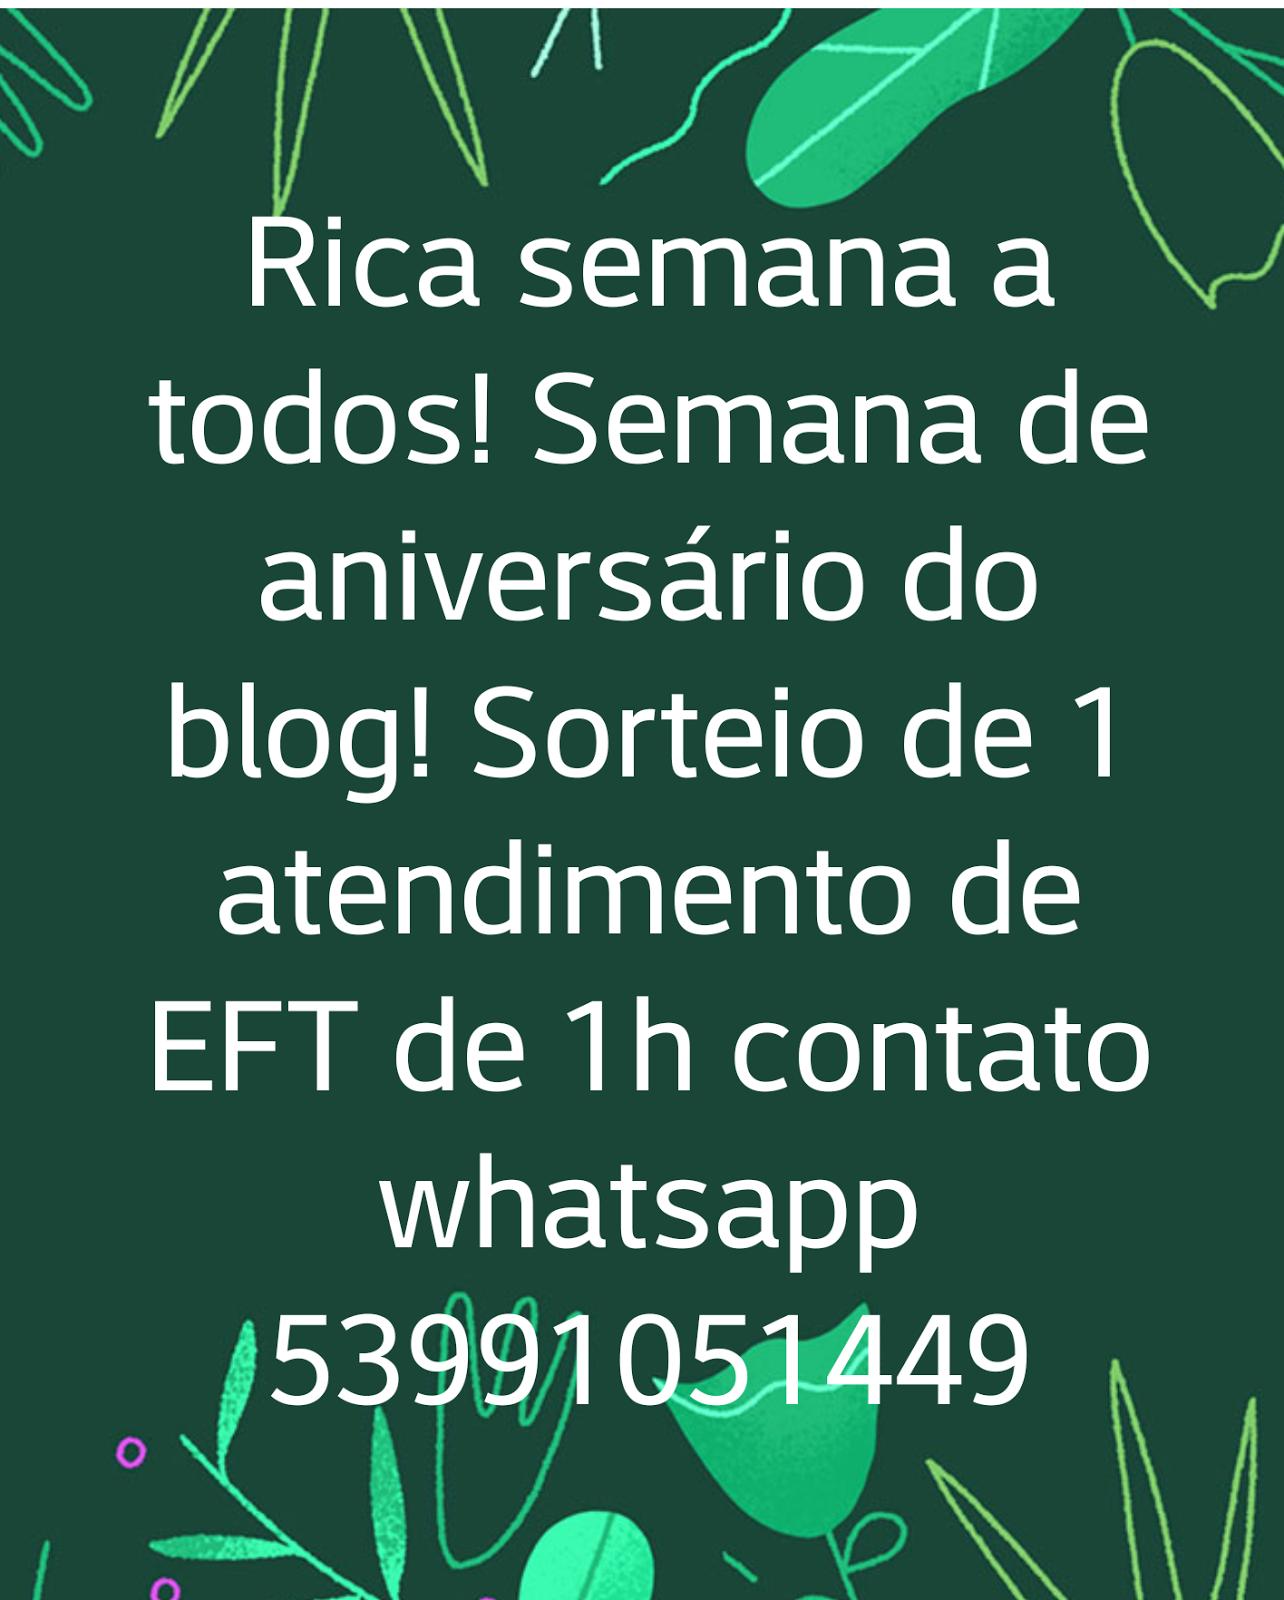 SORTEIO ANIVERSÁRIO DO BLOG